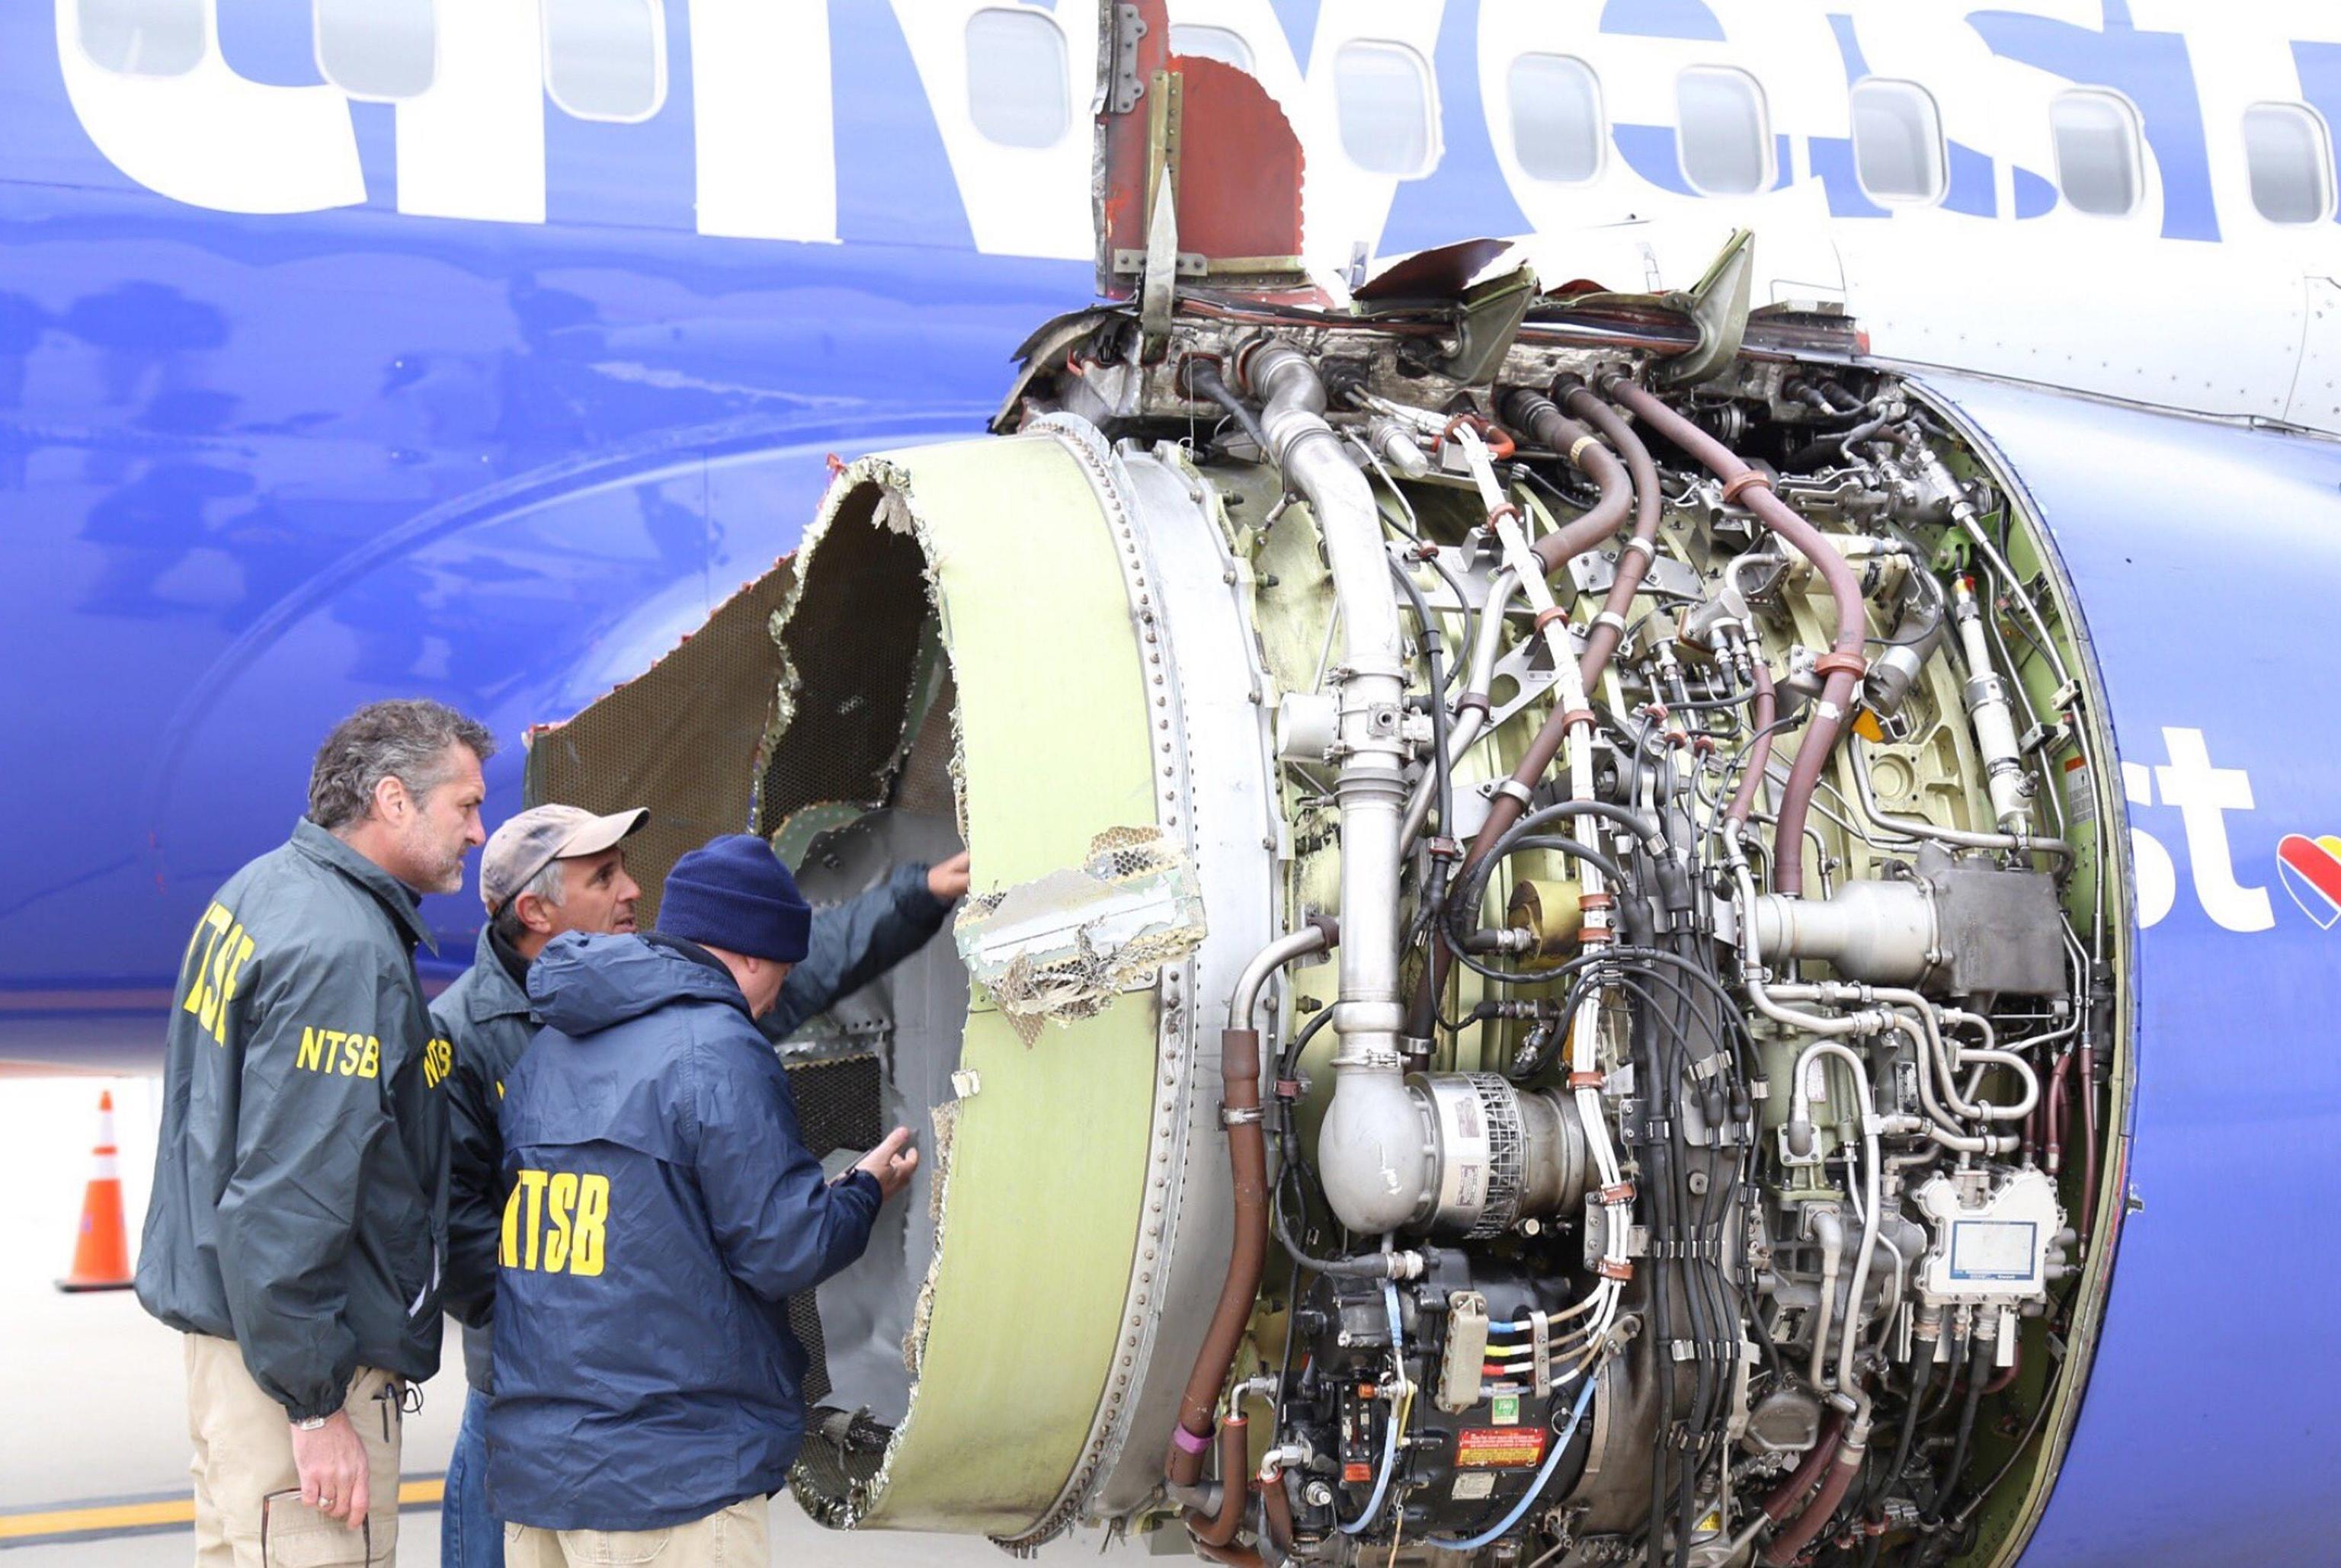 Paura sul volo New York Dallas: esplode un motore, muore una donna